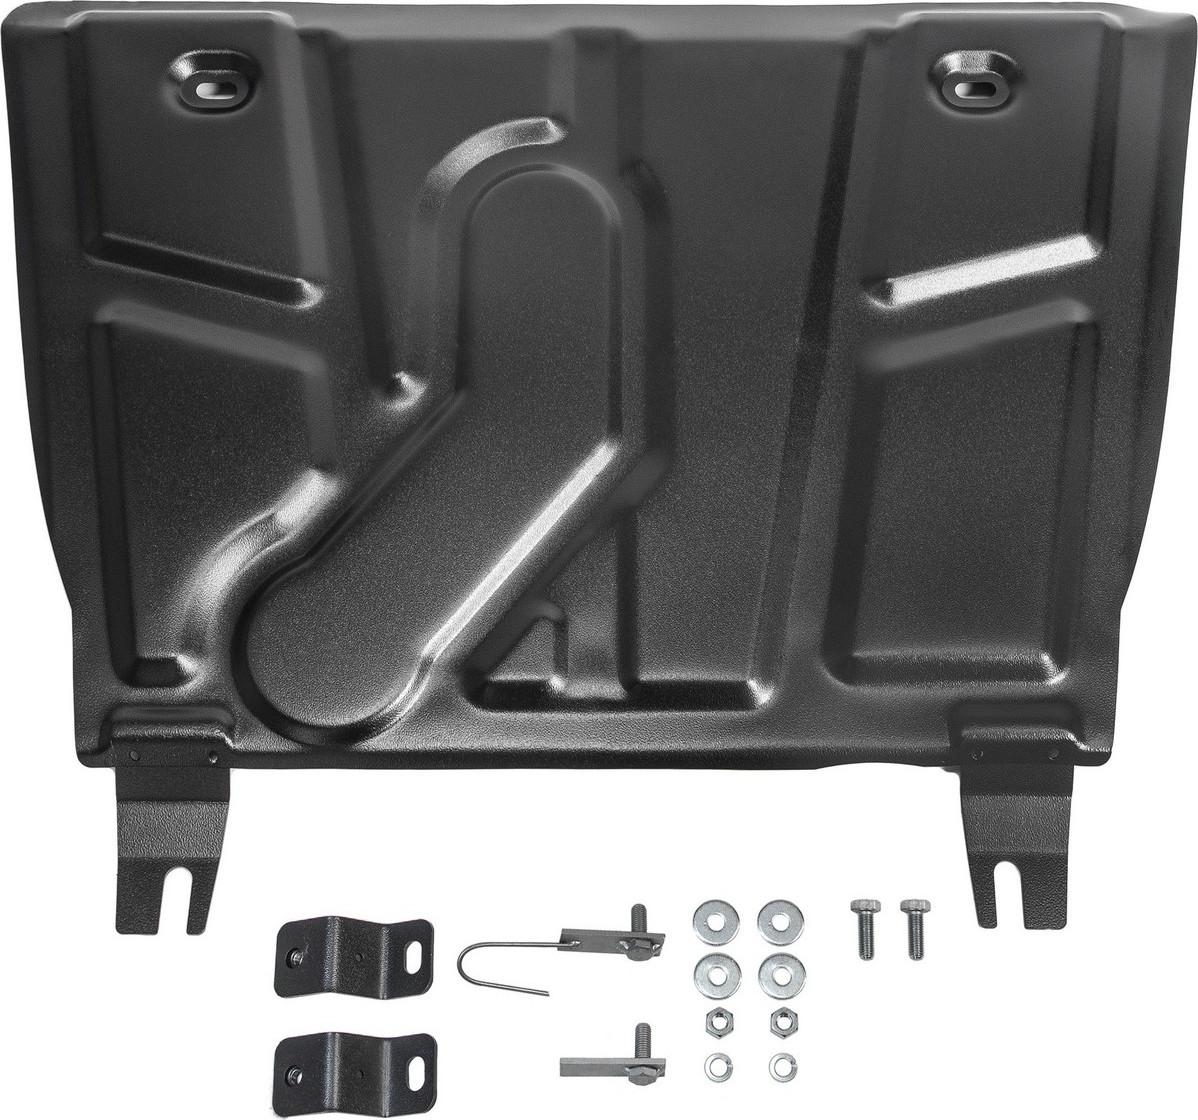 Защита картера и КПП Автоброня для Toyota Rav4 2010-2013/Toyota Rav4 2013-2015/Toyota Rav4 2015-н.в., сталь 2 мм, с крепежом. 111.05709.1 крепеж для защиты редуктора toyota pz4al0892060 для toyota rav4 2013 2015